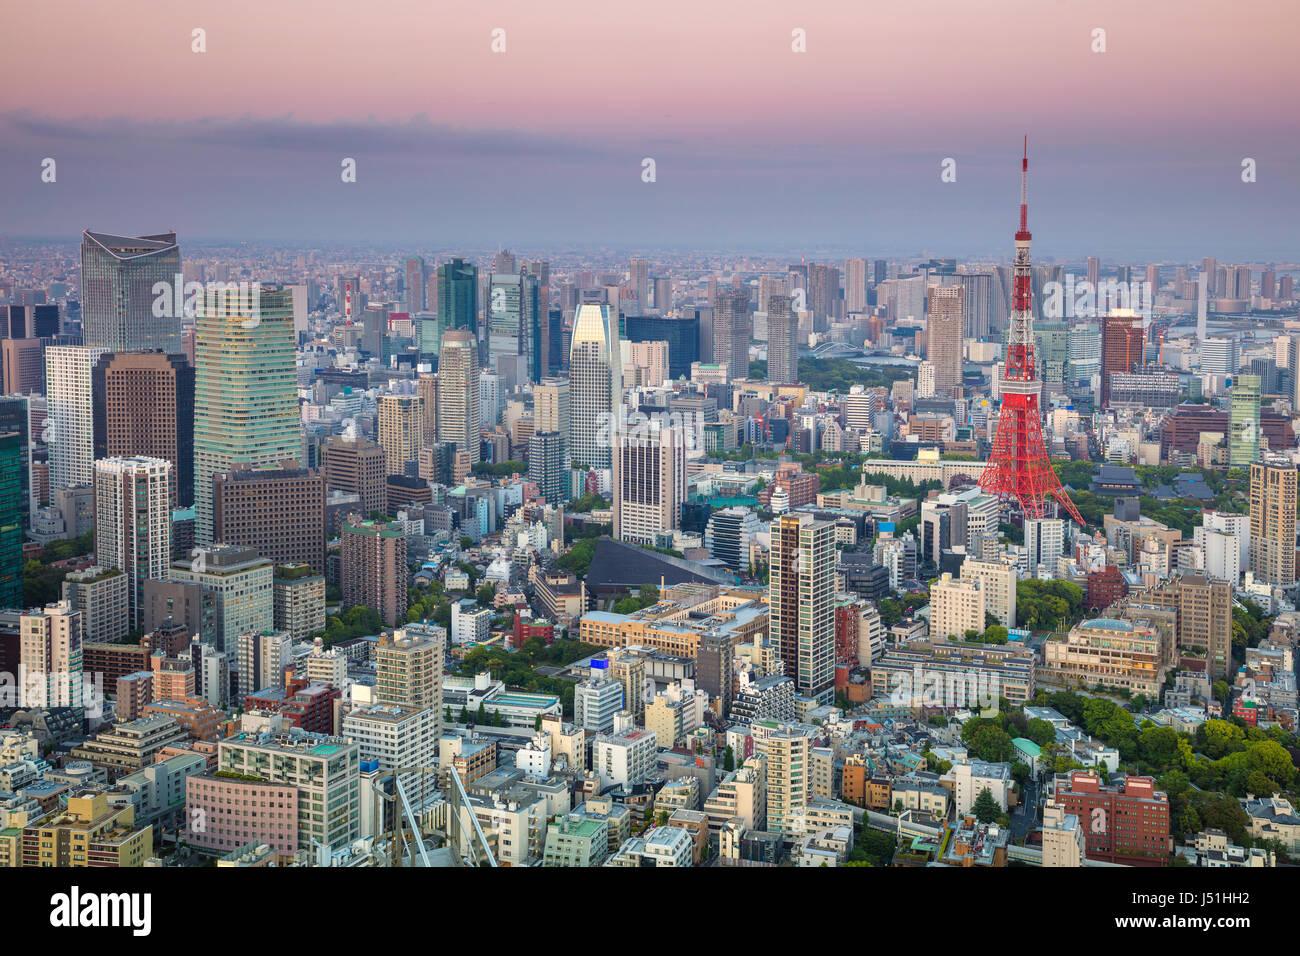 Stadtbild Bild von Tokio, Japan während des Sonnenuntergangs Stockbild